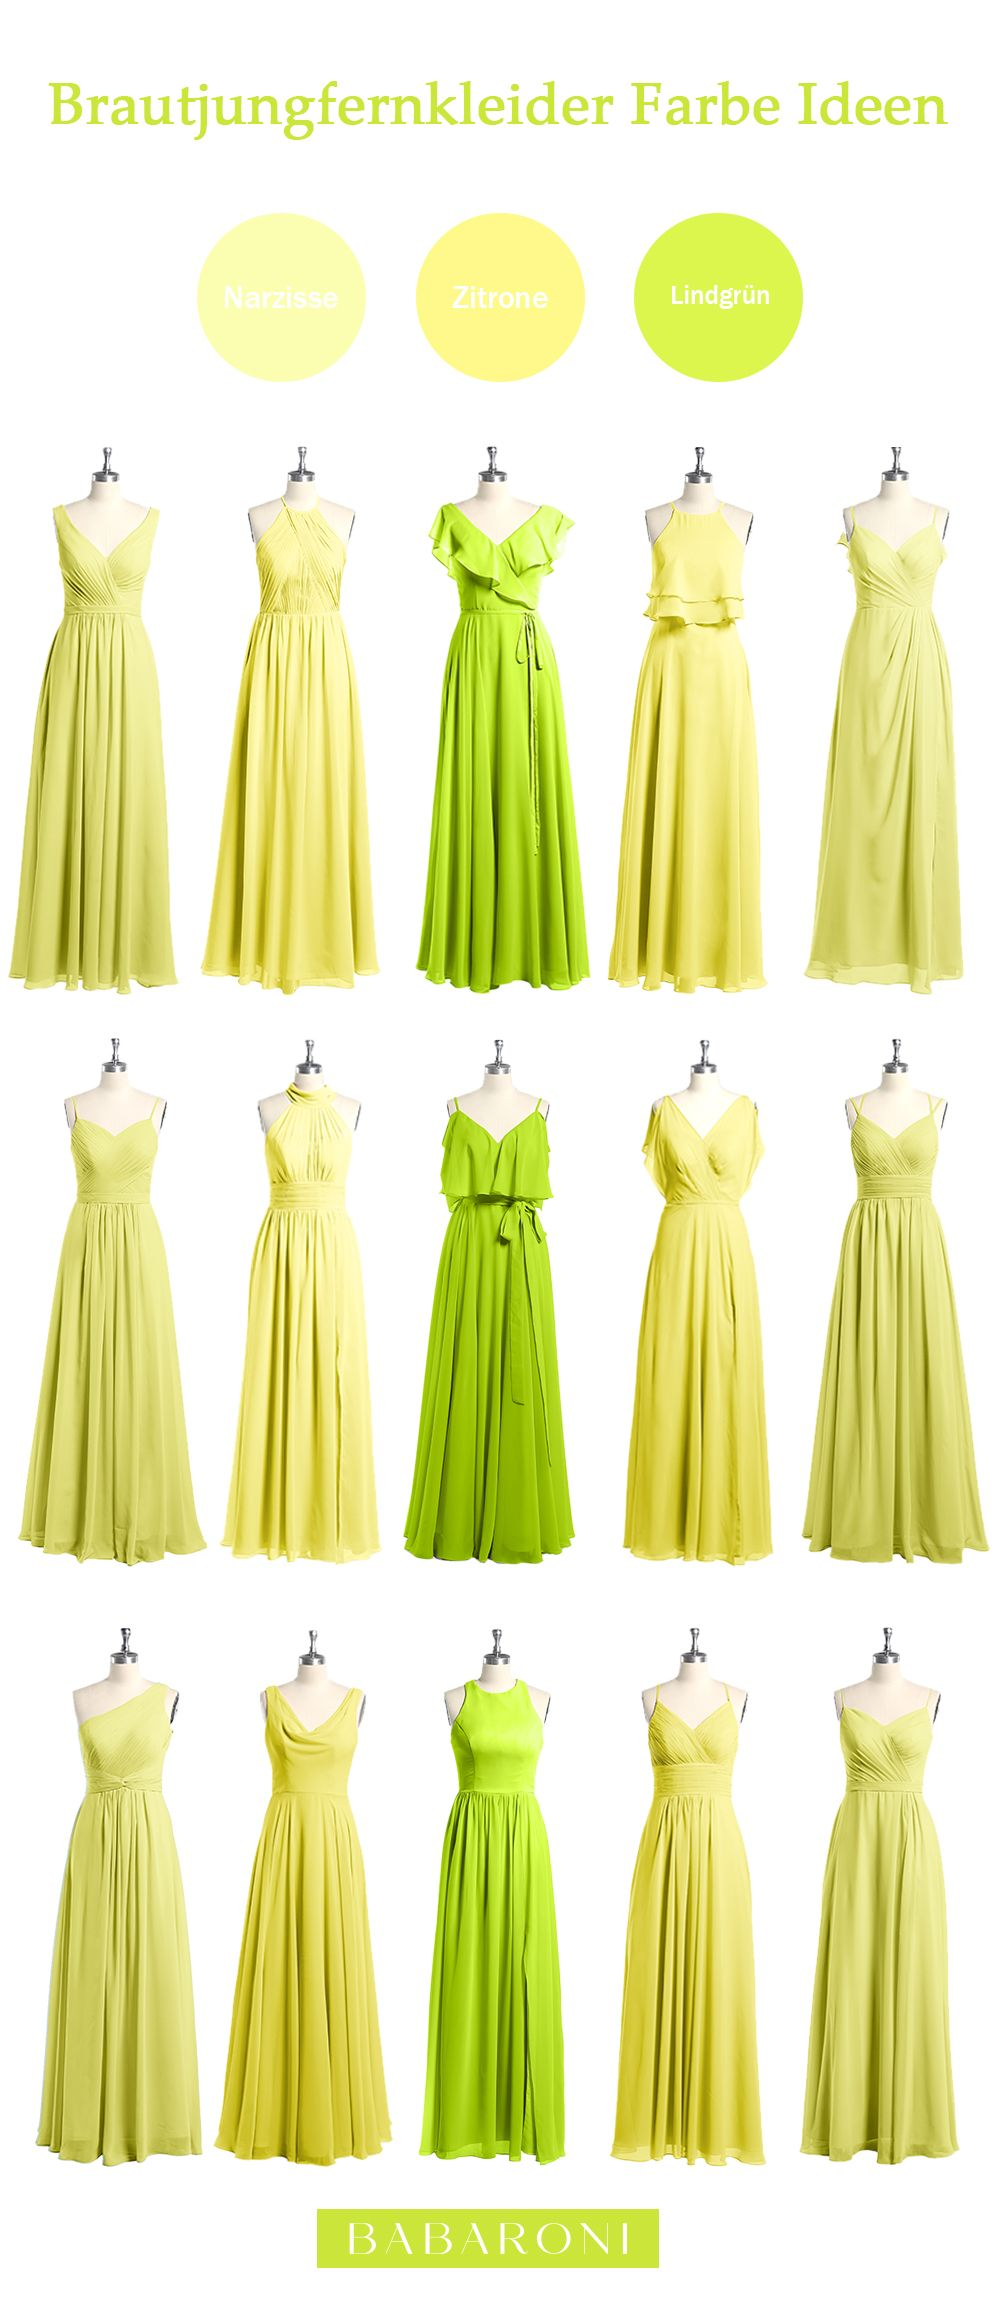 Brautjungfernkleider In 2020 Gunstige Brautjungfernkleider Kleider Fur Festliche Anlasse Brautjungfernkleider